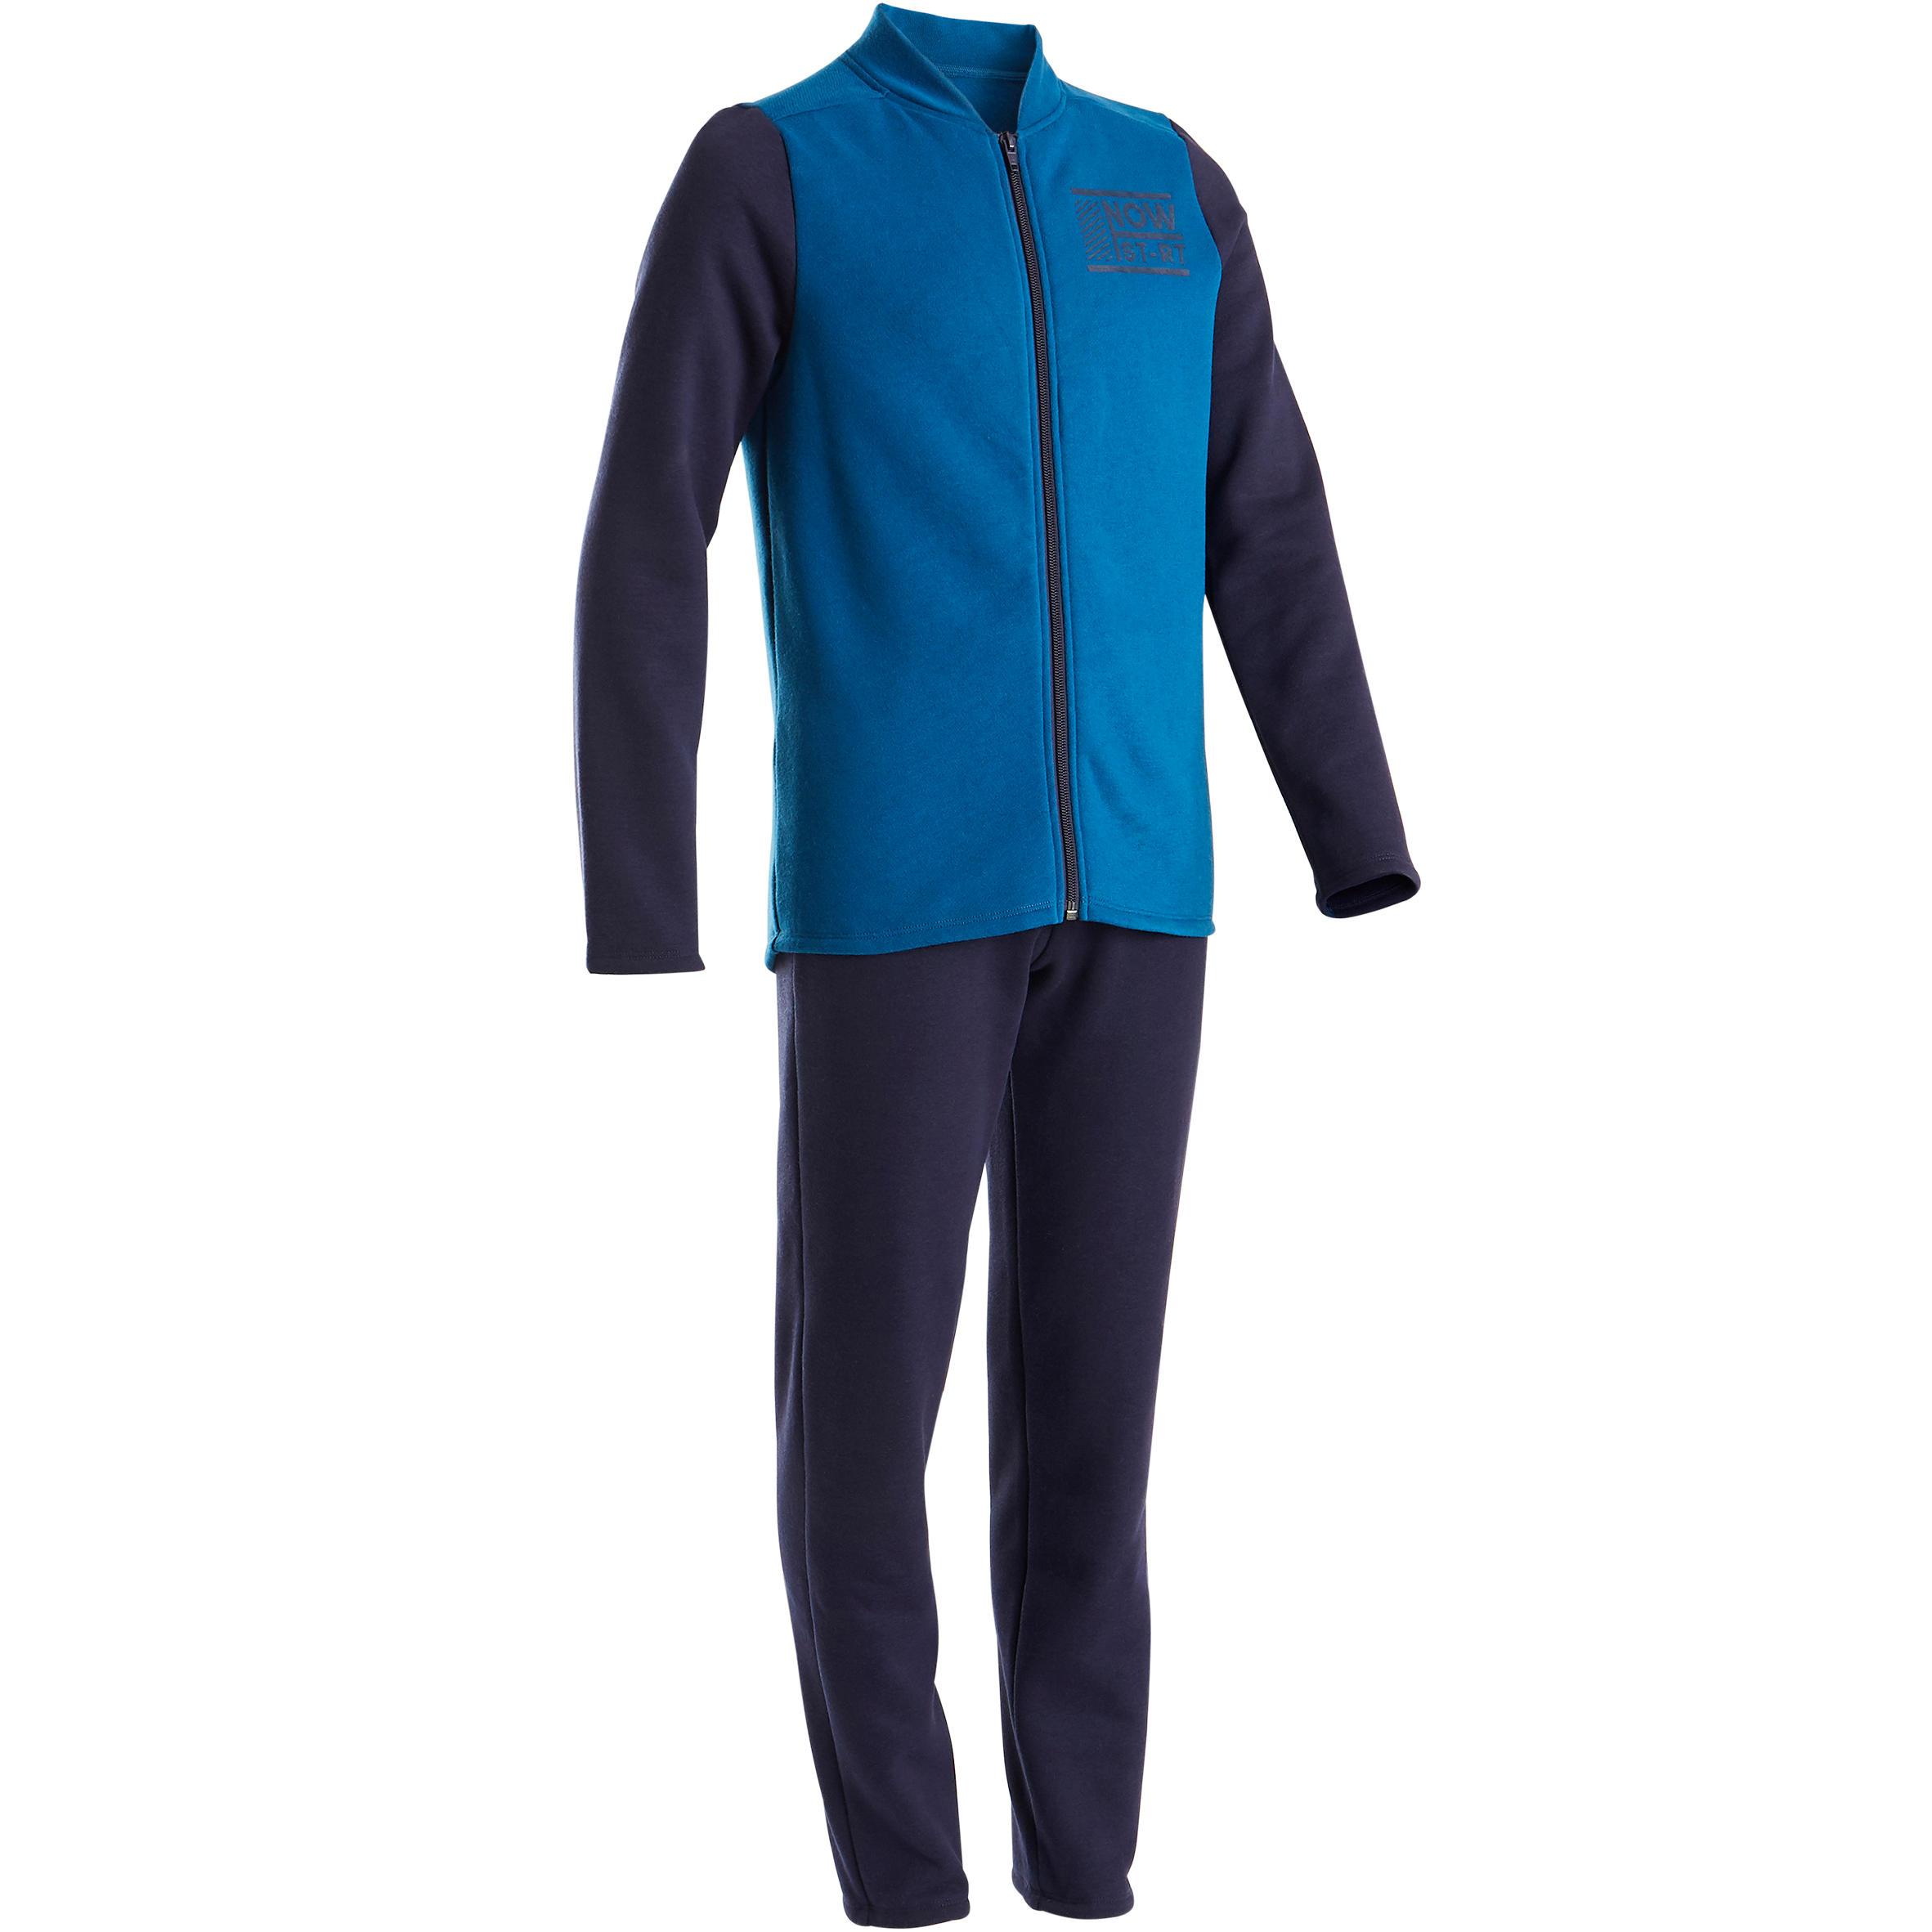 100 Warmy Boys' Warm Zip-Up Gym Tracksuit - Blue/Navy